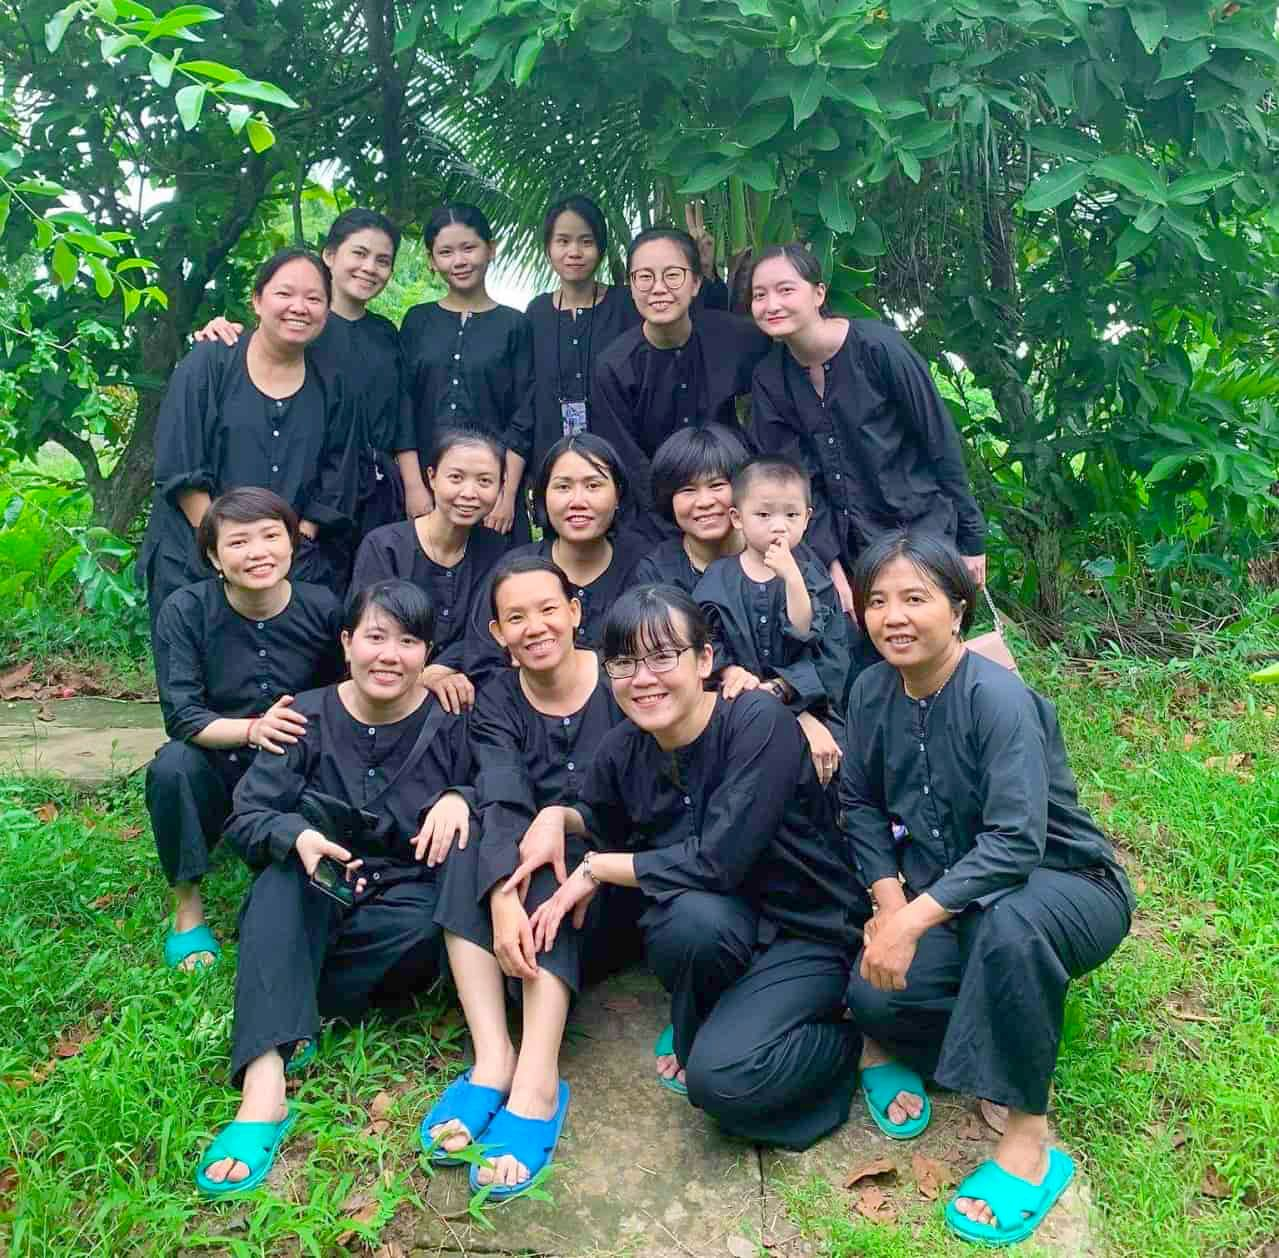 Tour du lịch Vĩnh Long 2 ngày 1 đêm - Trải nghiệm các hoạt động dân dã miệt vườn